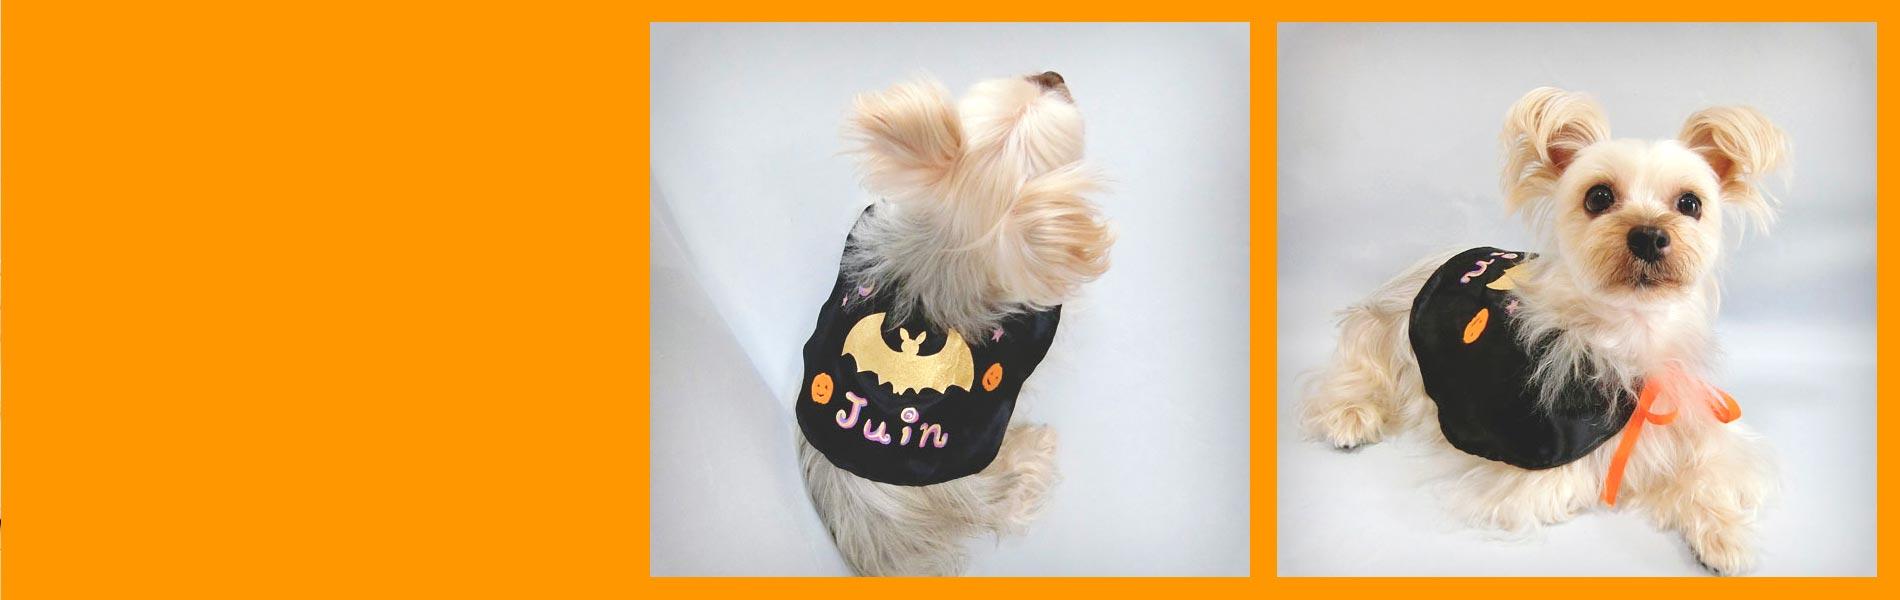 ハロウィンの犬服マント